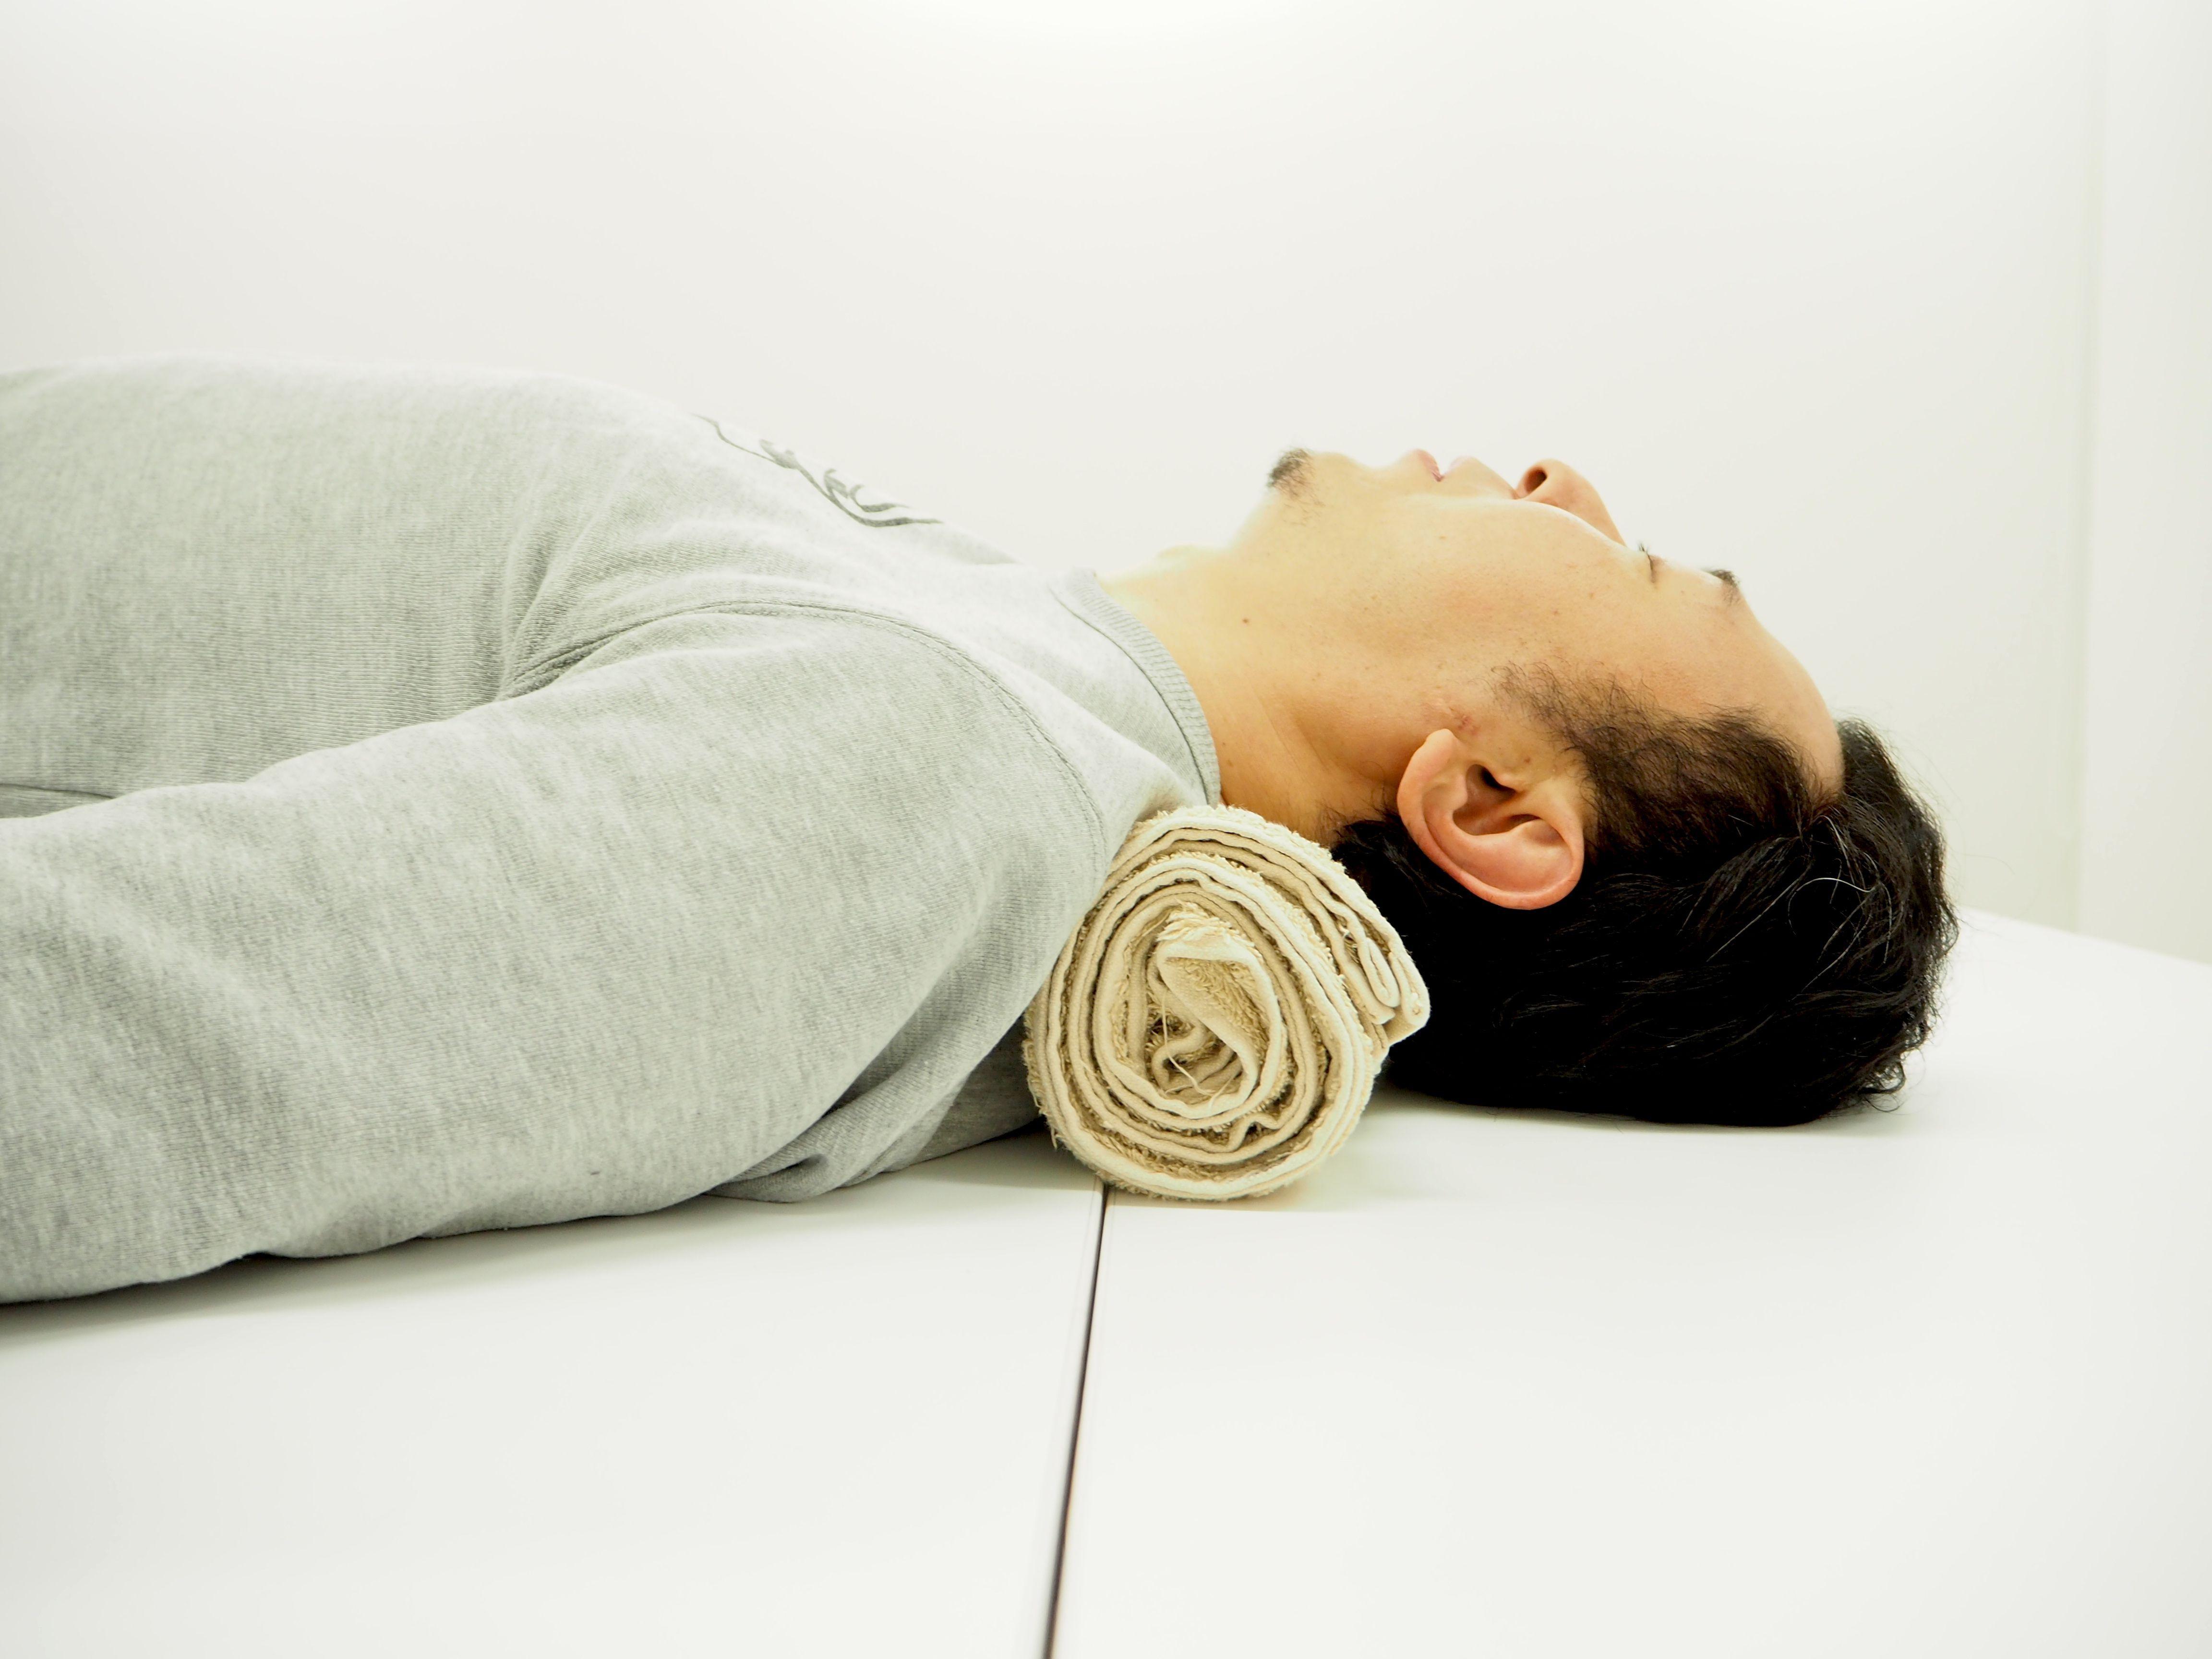 なし ストレート ネック 枕